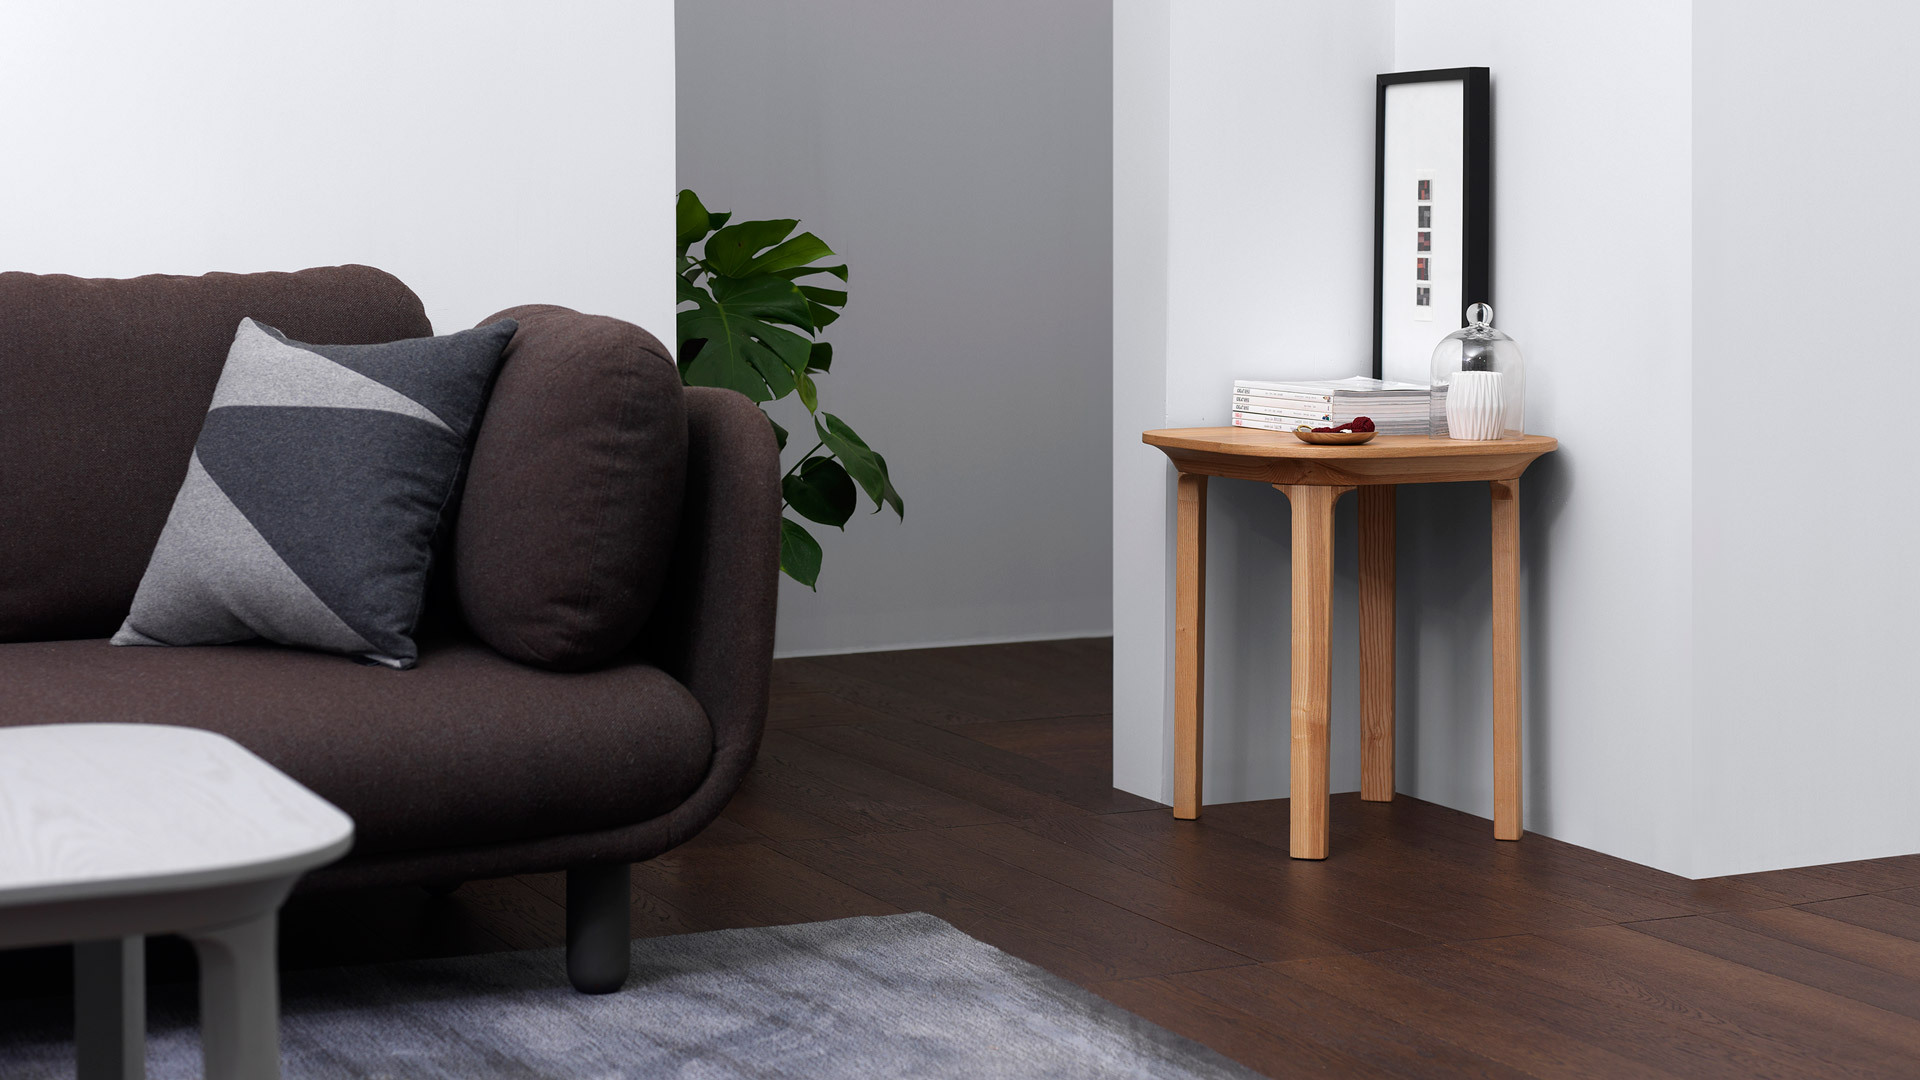 把客厅角落交给木本色瓦檐边桌,随手摆放书籍、玩偶、绿植……,不仅灵动方便,还为卧室增添一些自然生趣。